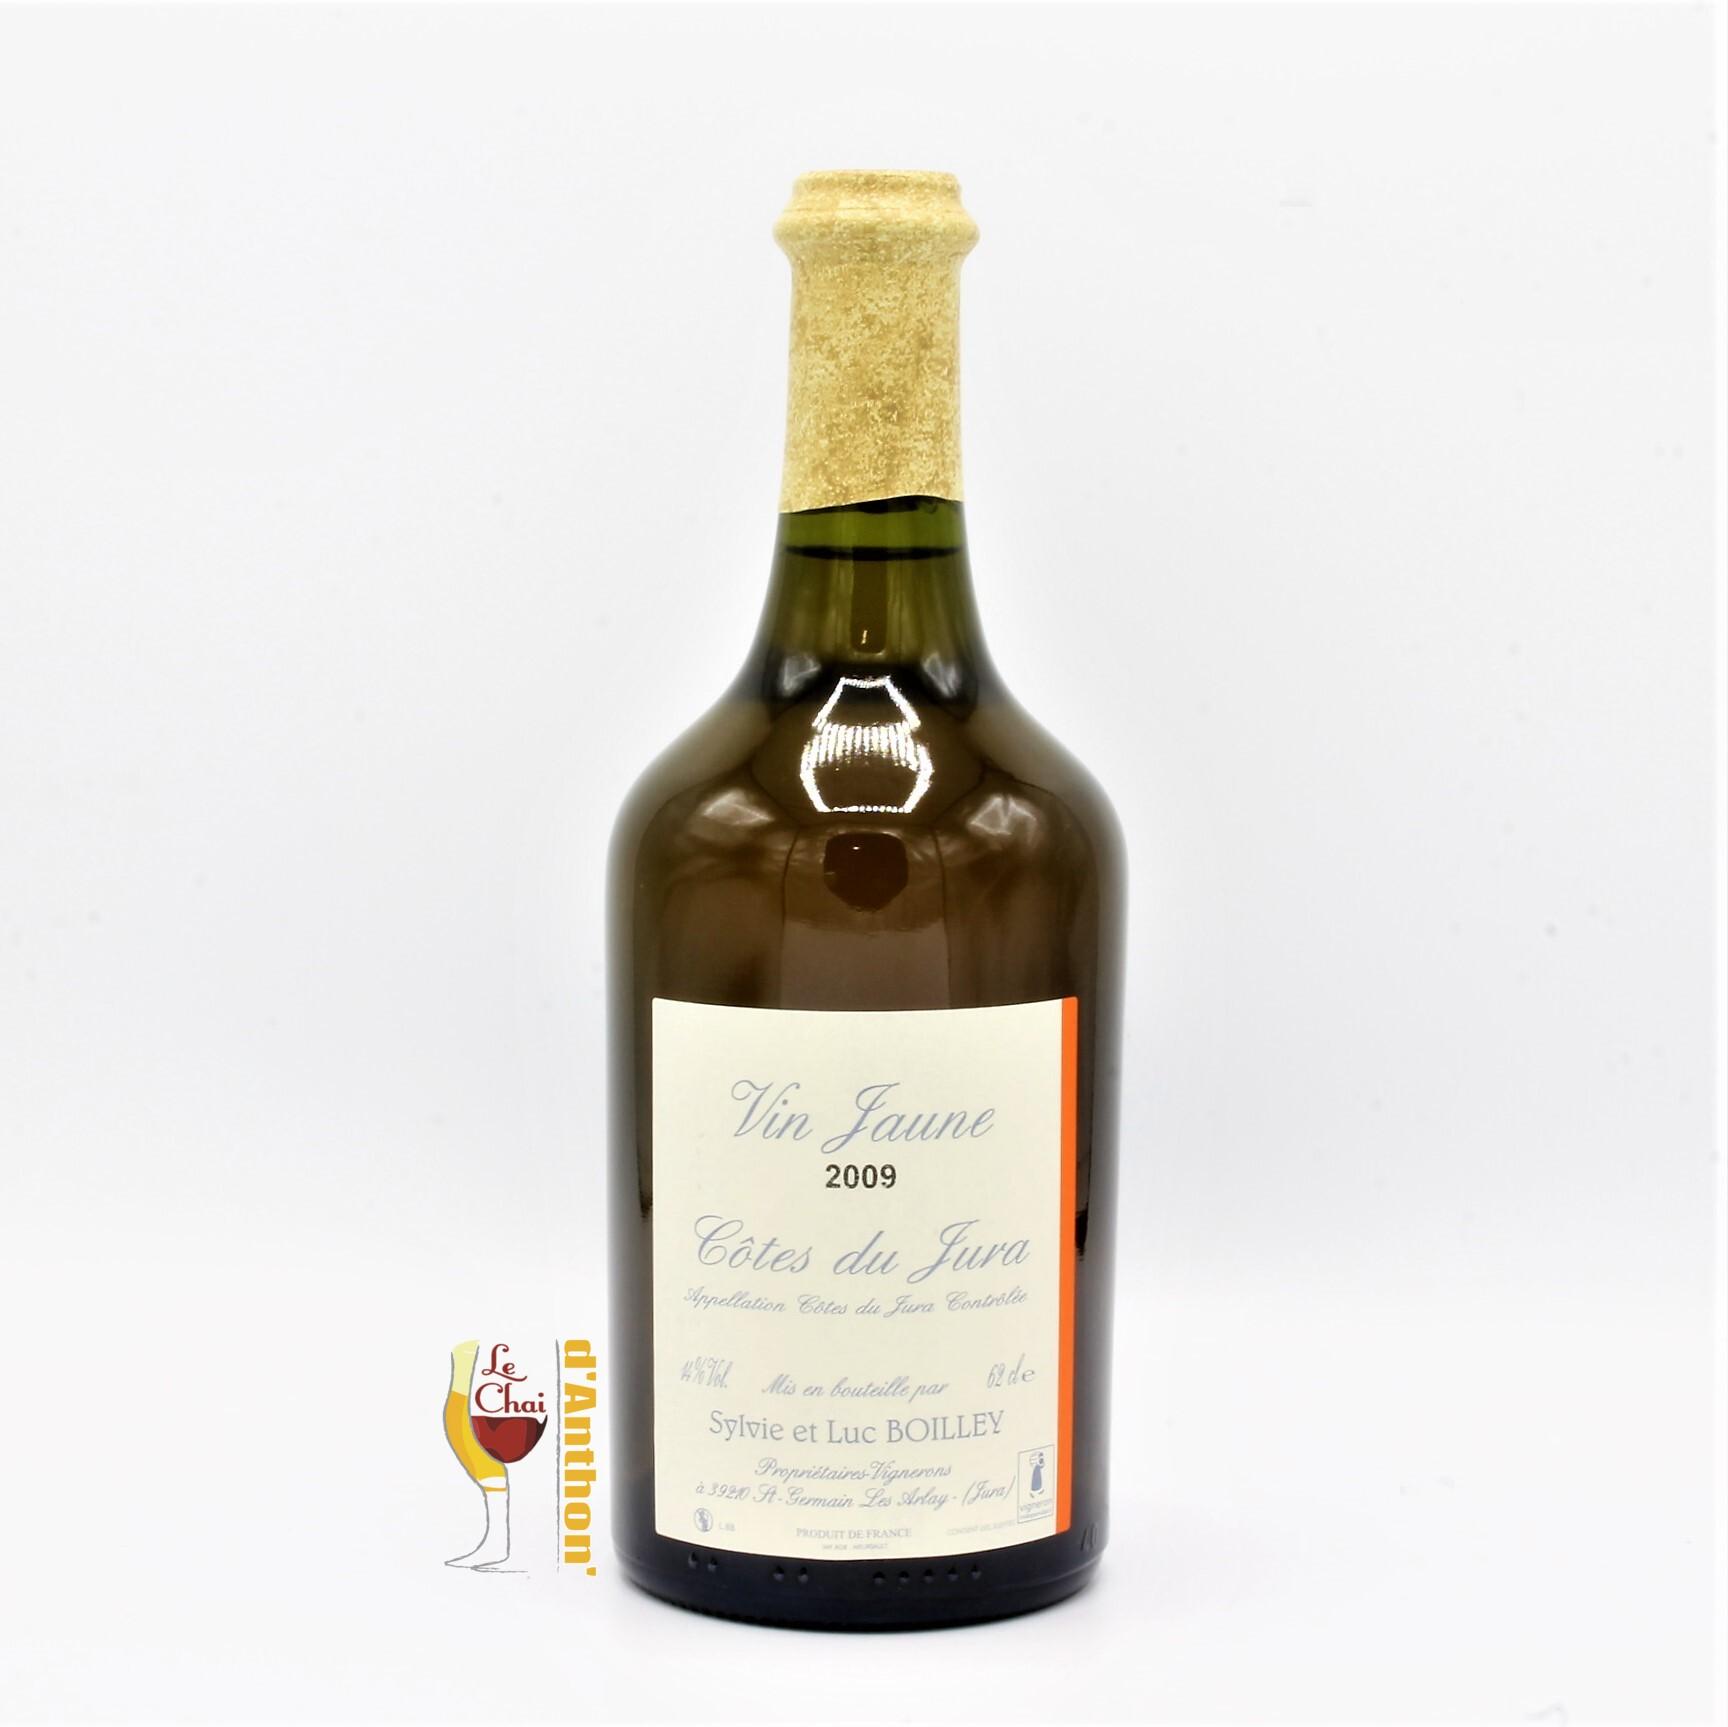 Le Chai D&700.JPG039;Anthon Vin Blanc Bouteille Jura Jaune Boilley 2009 62cl 700